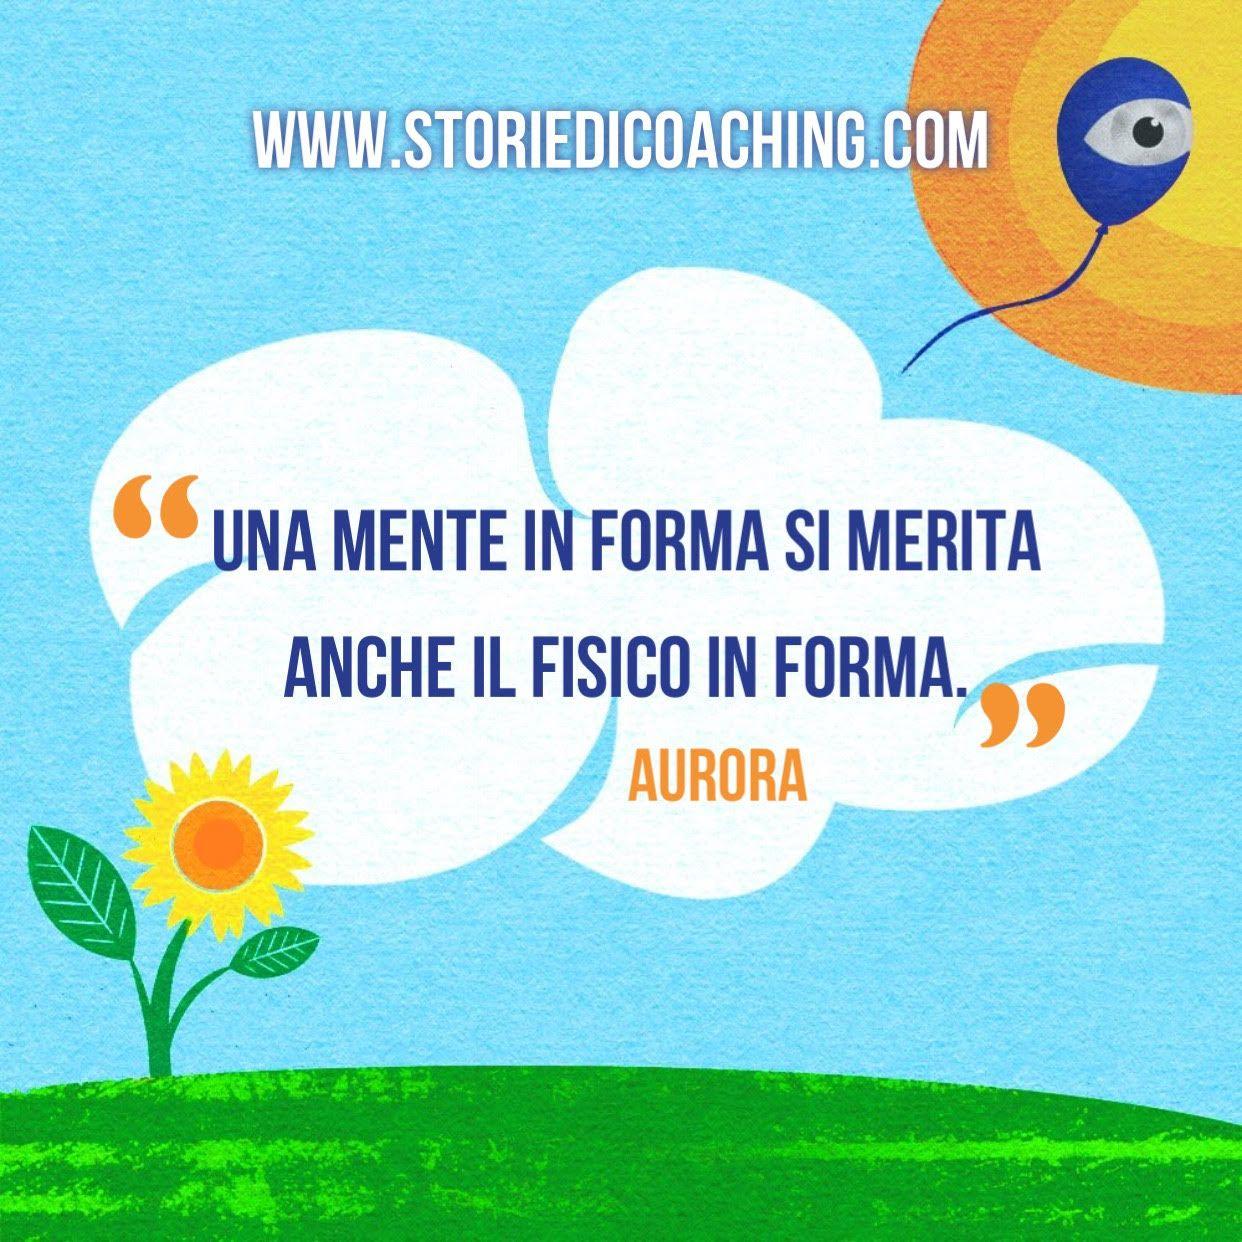 """Da buongiorno a giorno buono. """"Una mente in forma si merita anche il fisico in forma."""" Aurora www.storiedicoaching.com #buongiorno #coach #mente #fisico #corpo #forma #benessere #merito #meritare #aspetto #coerenza #armonia"""